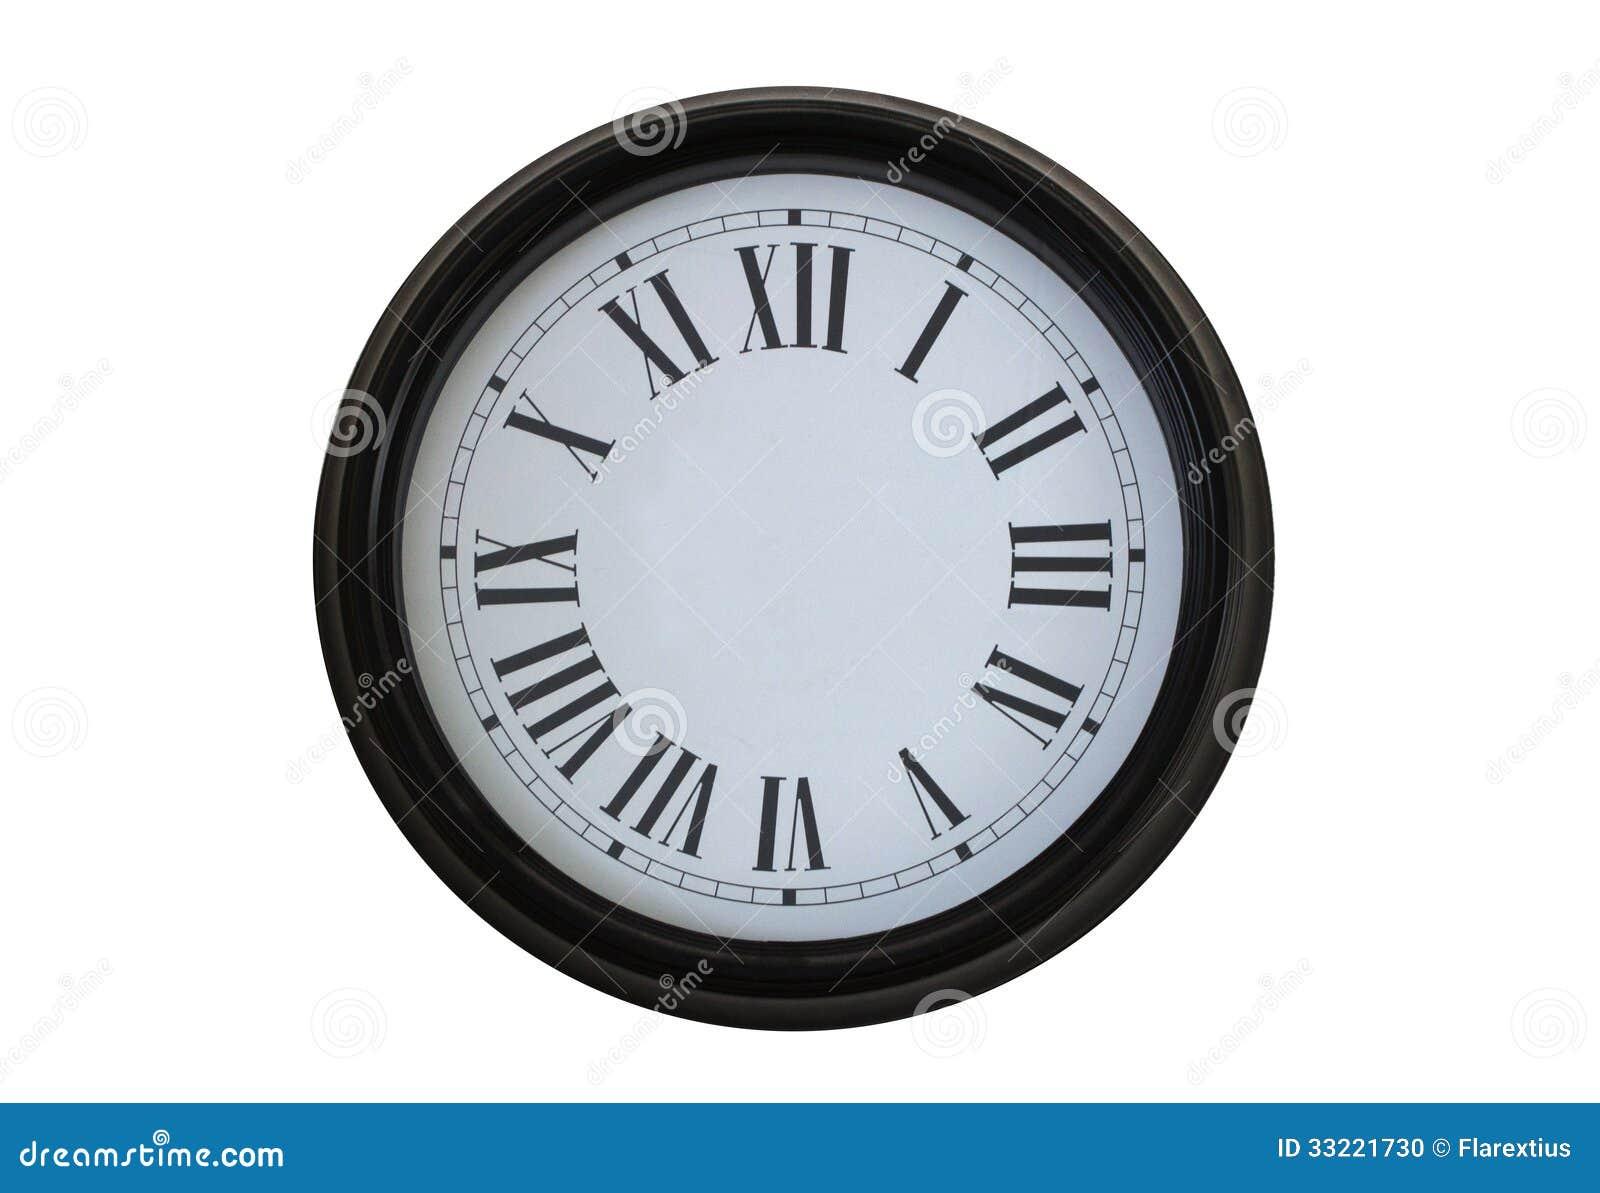 Uhr ohne zeiger  Uhr Ohne Zeiger Stockfoto - Bild: 33221730